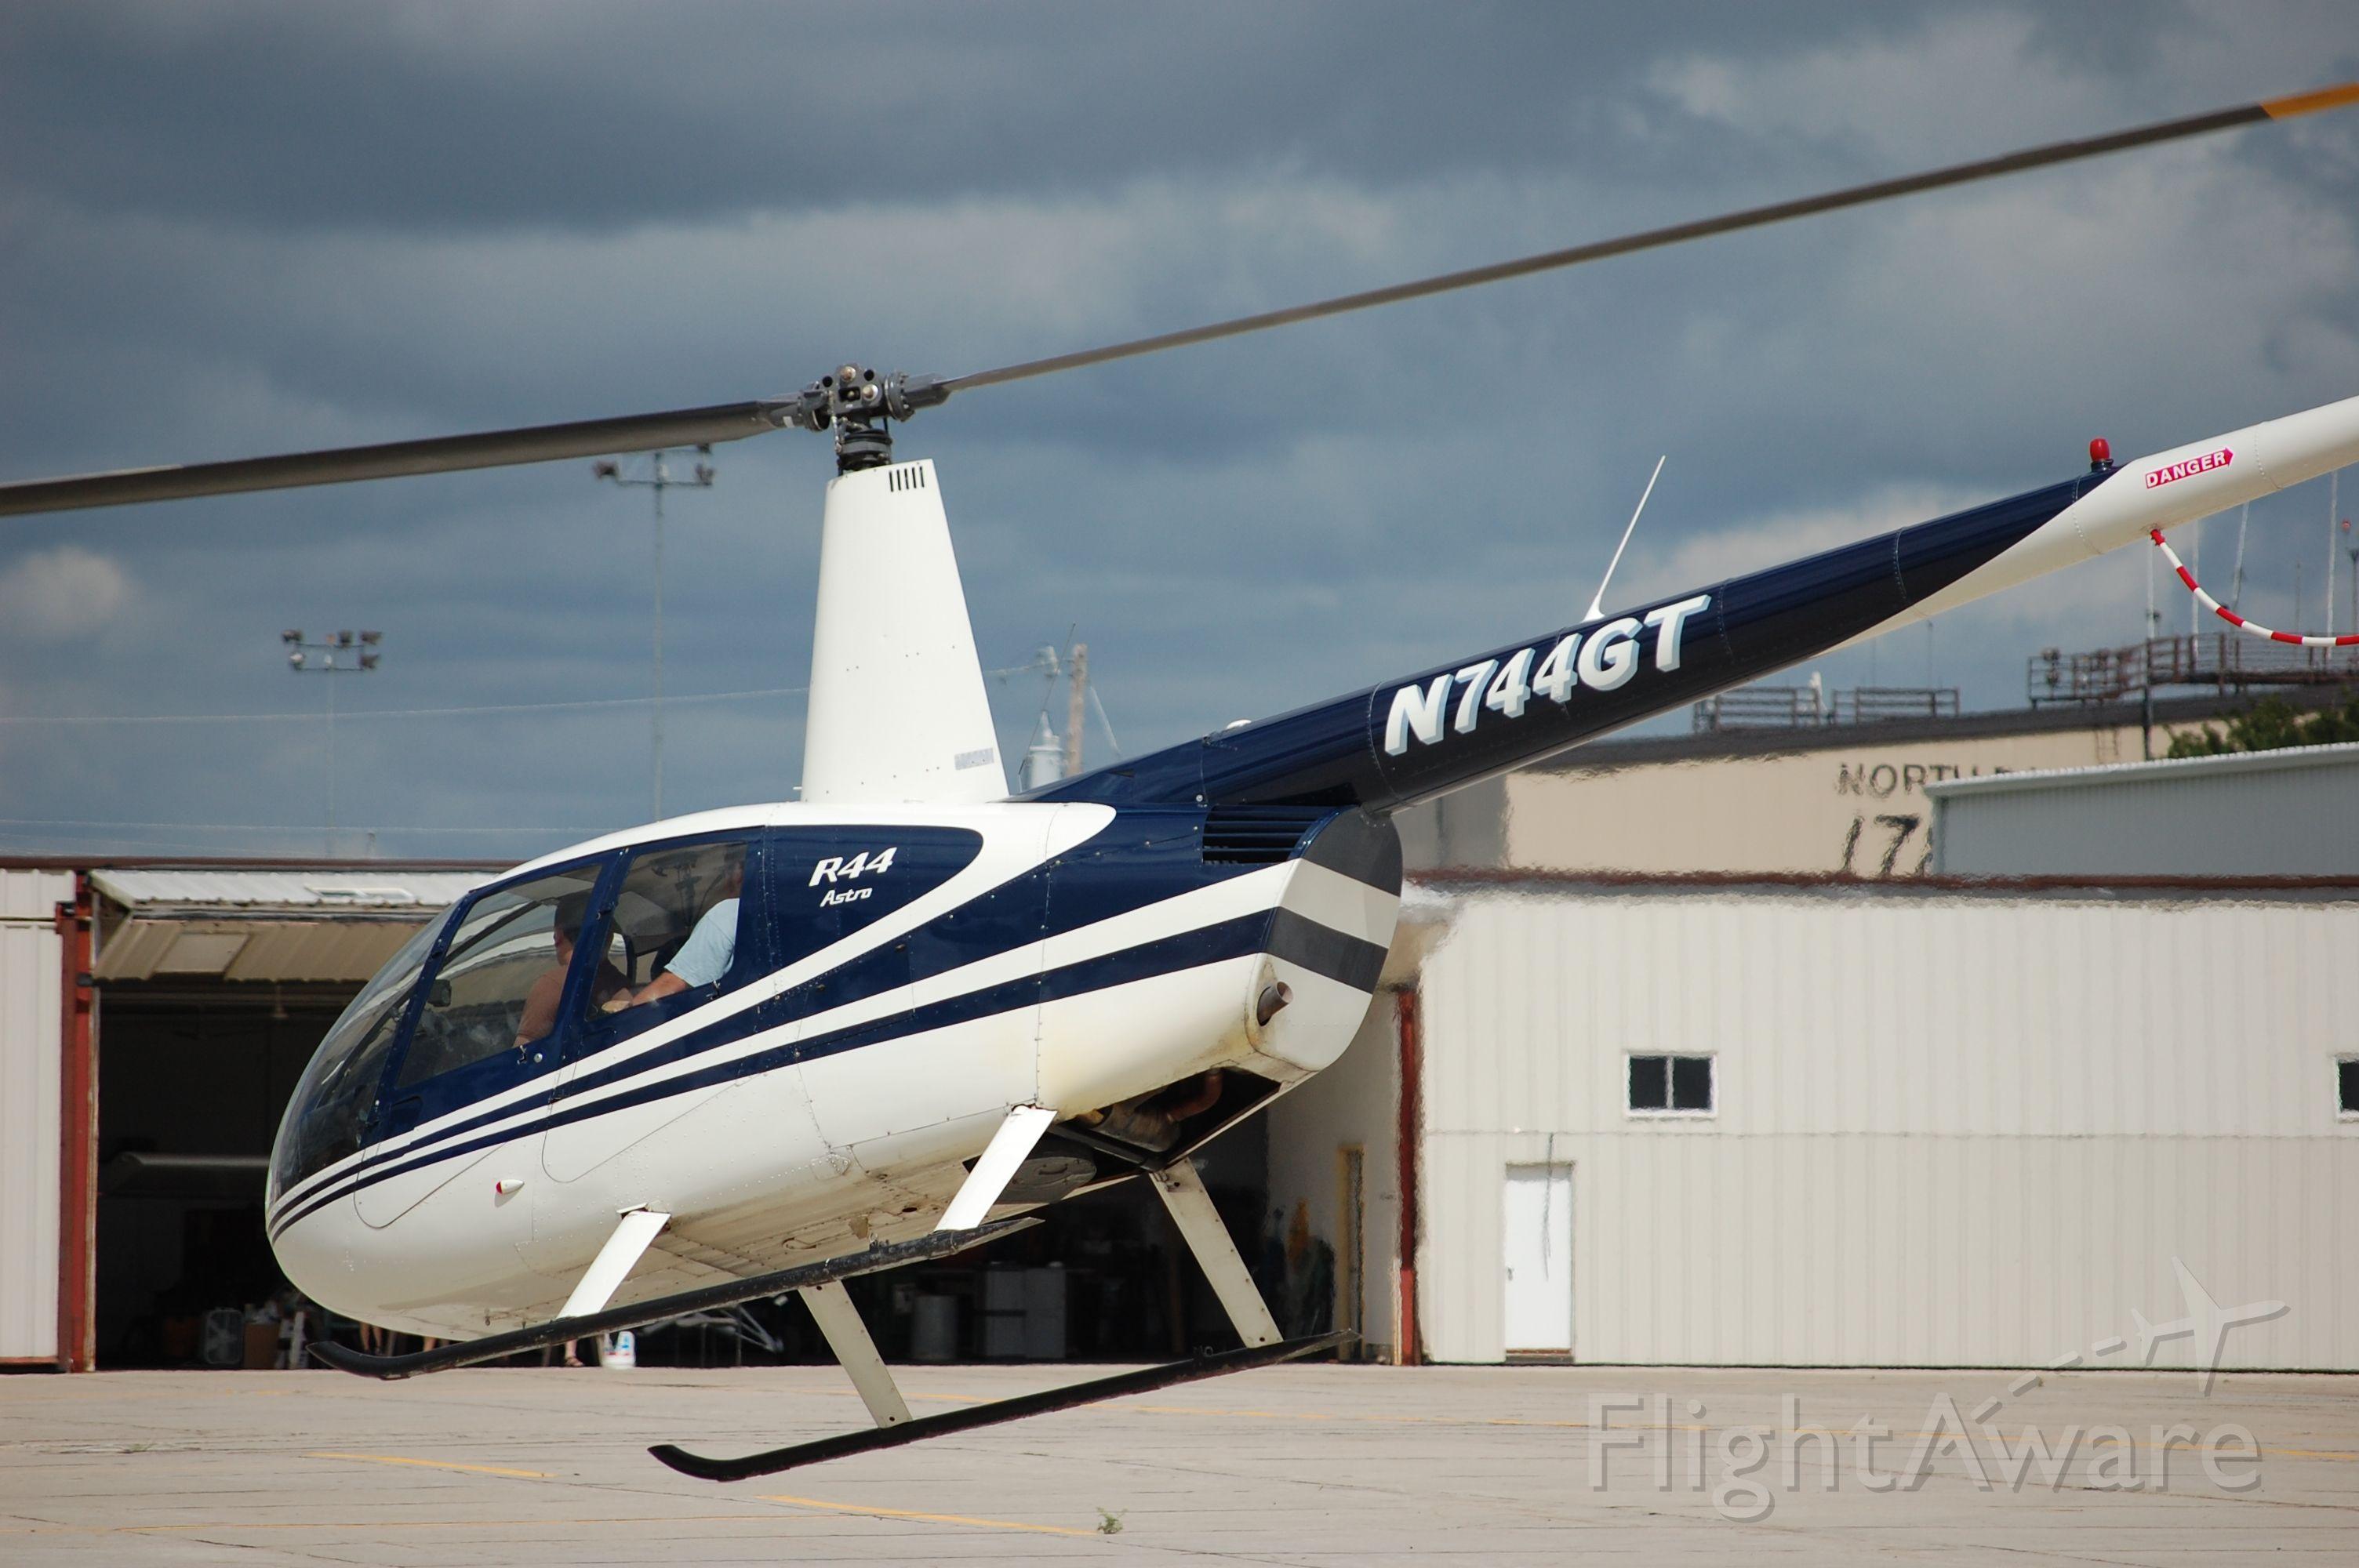 Robinson R-44 (N744GT) - Robinson R44 giving rides at the Fargo air-show.